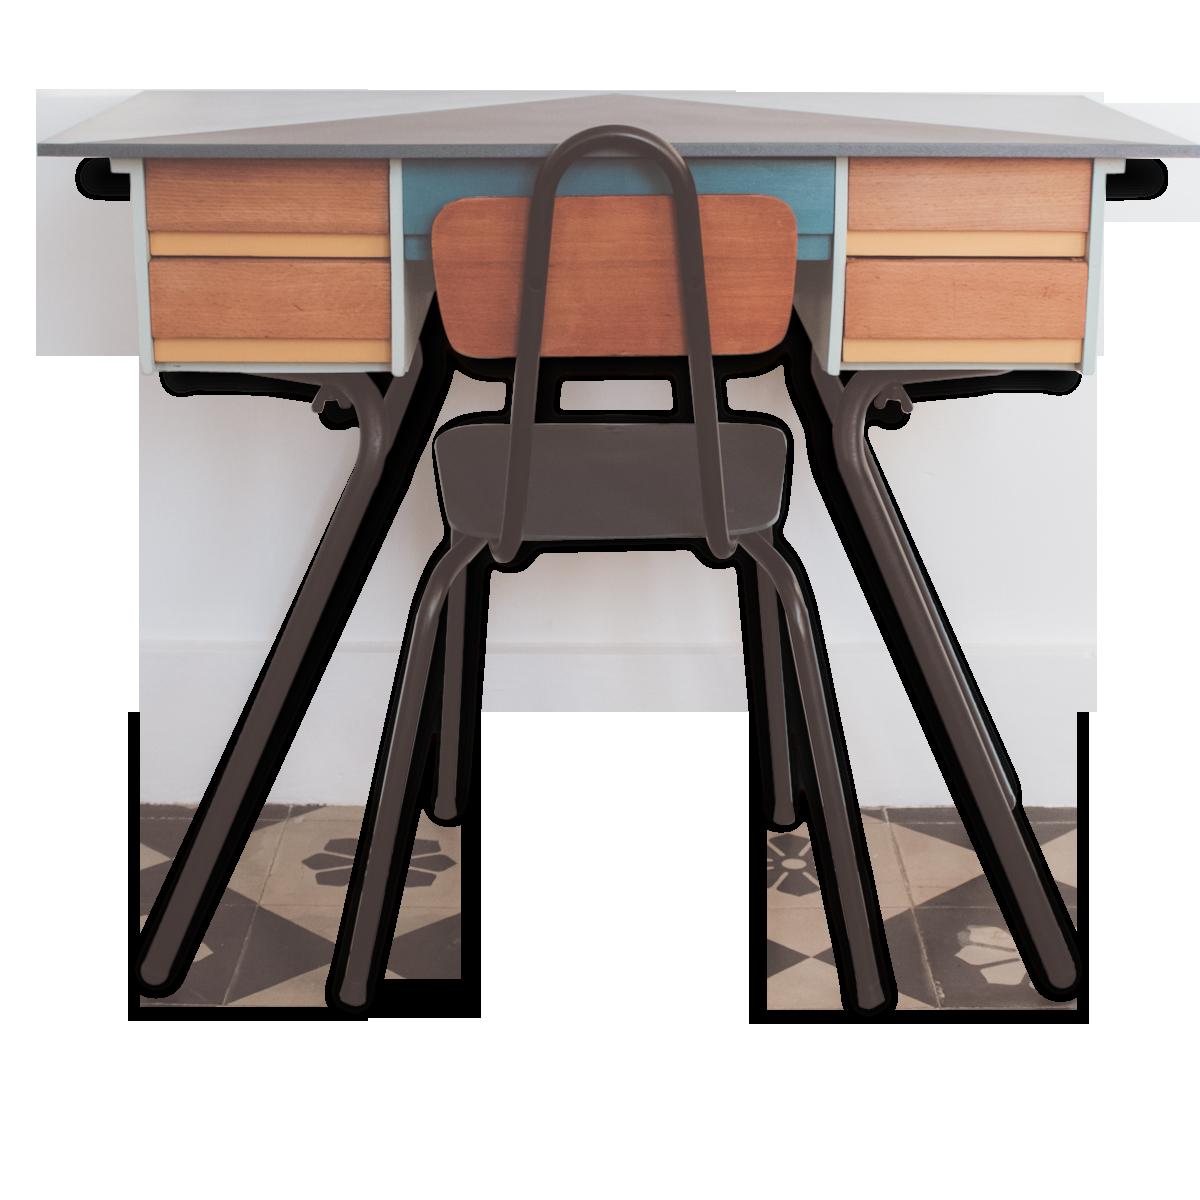 Bureau pour enfant et petite chaise revisités bois matériau